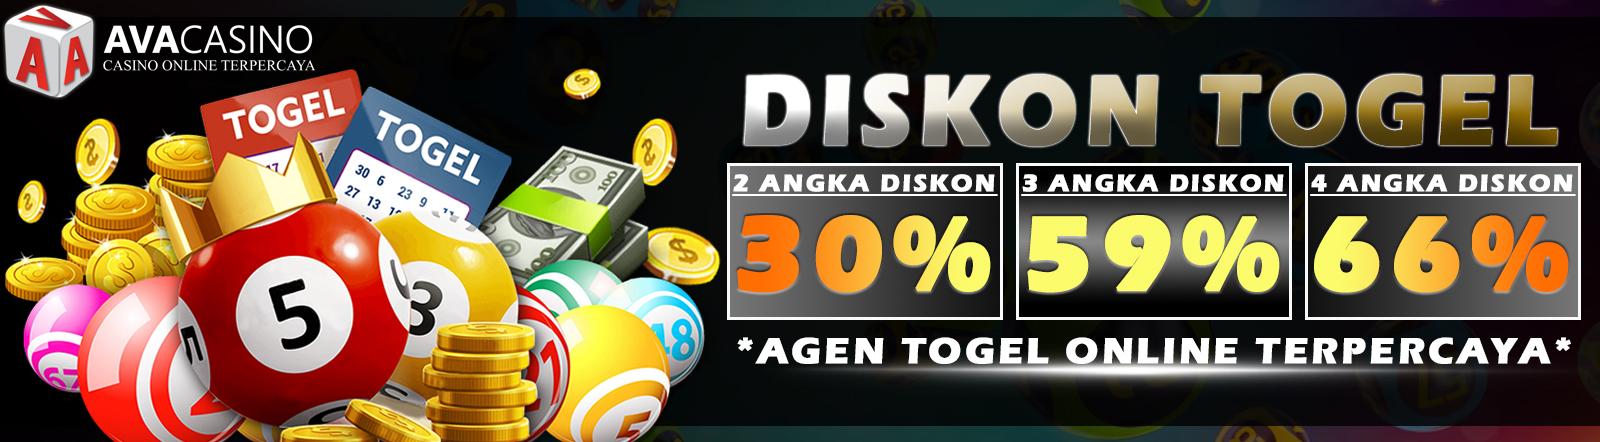 DISKON TOGEL